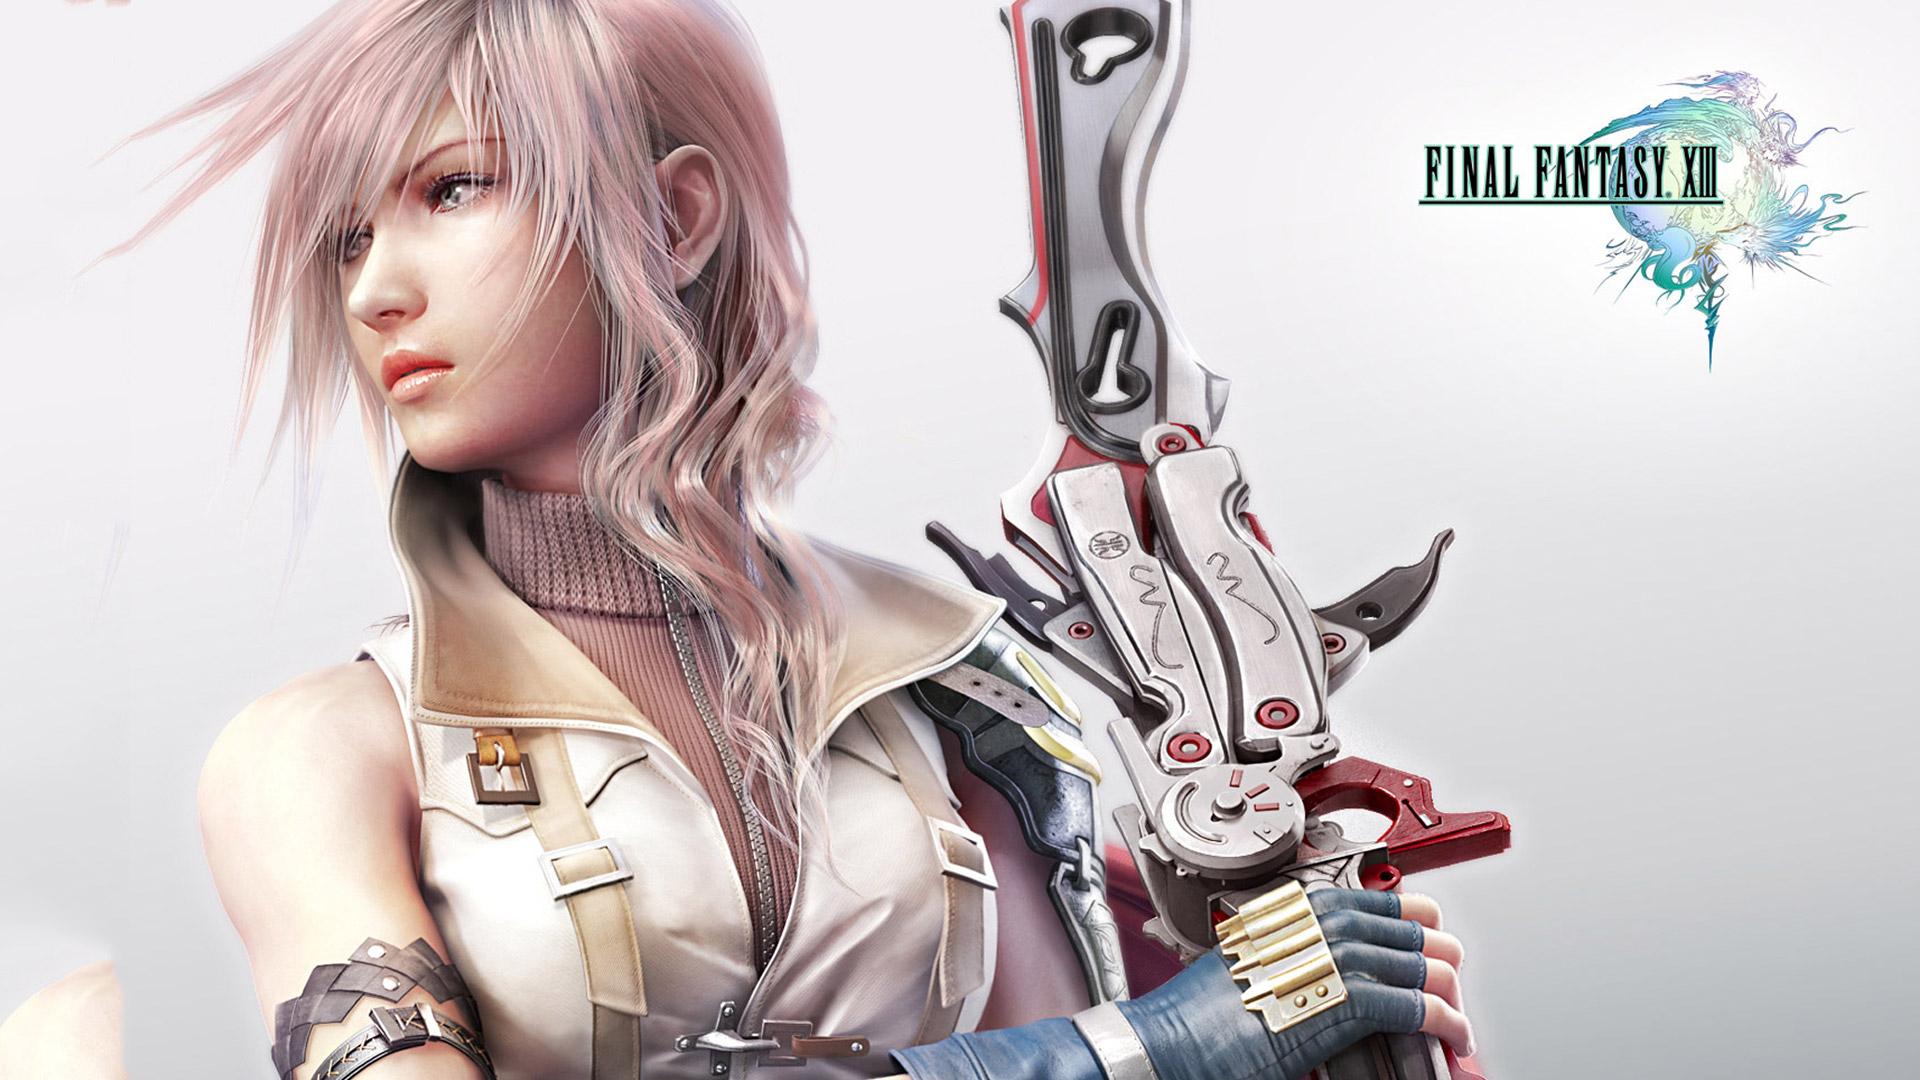 Free Final Fantasy XIII Wallpaper in 1920x1080